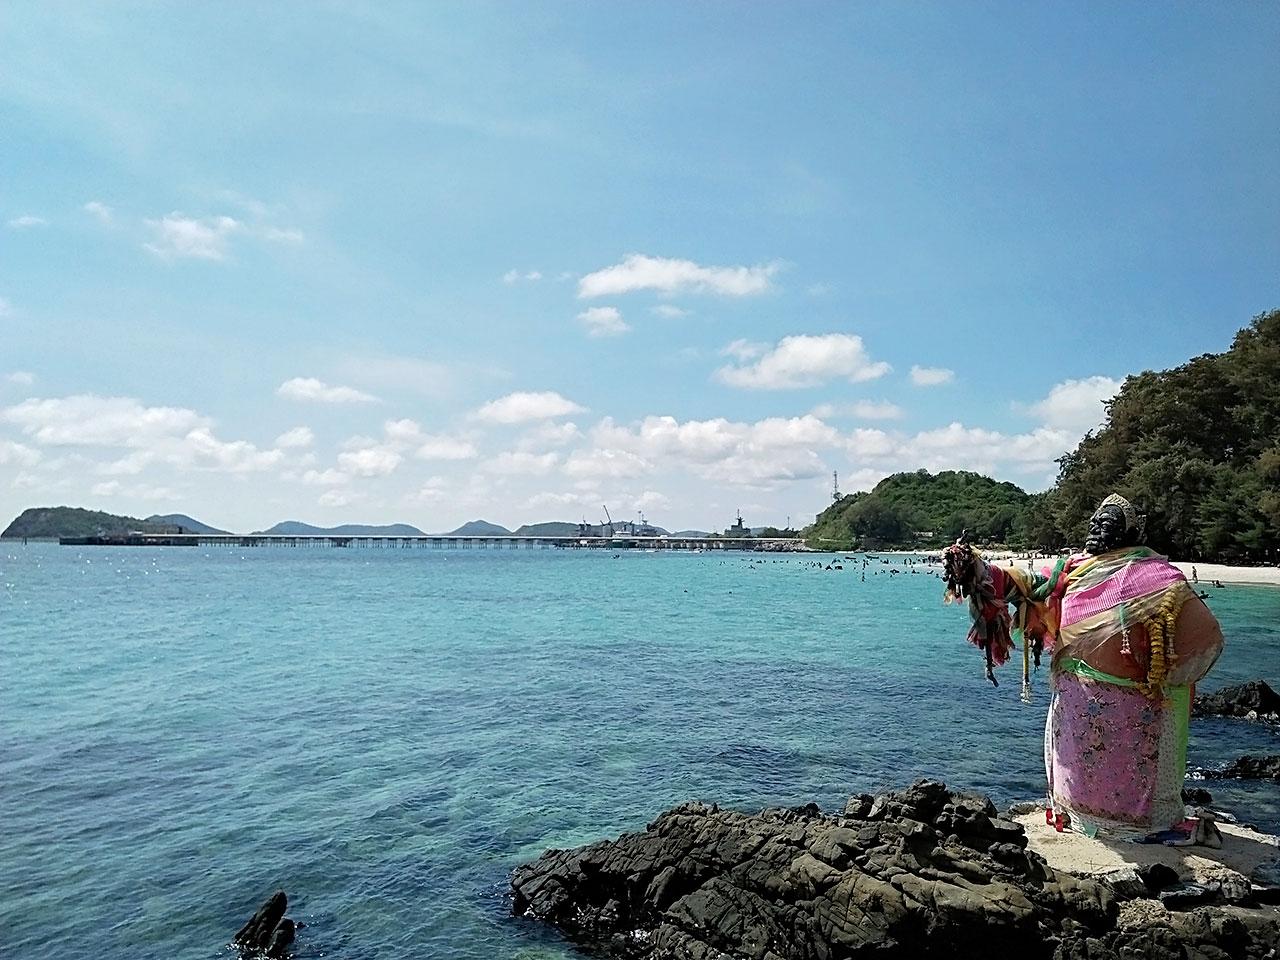 รูปปั้นนางผีเสื้อสมุทร หาดนางรำ สัตหีบ ชลบุรี